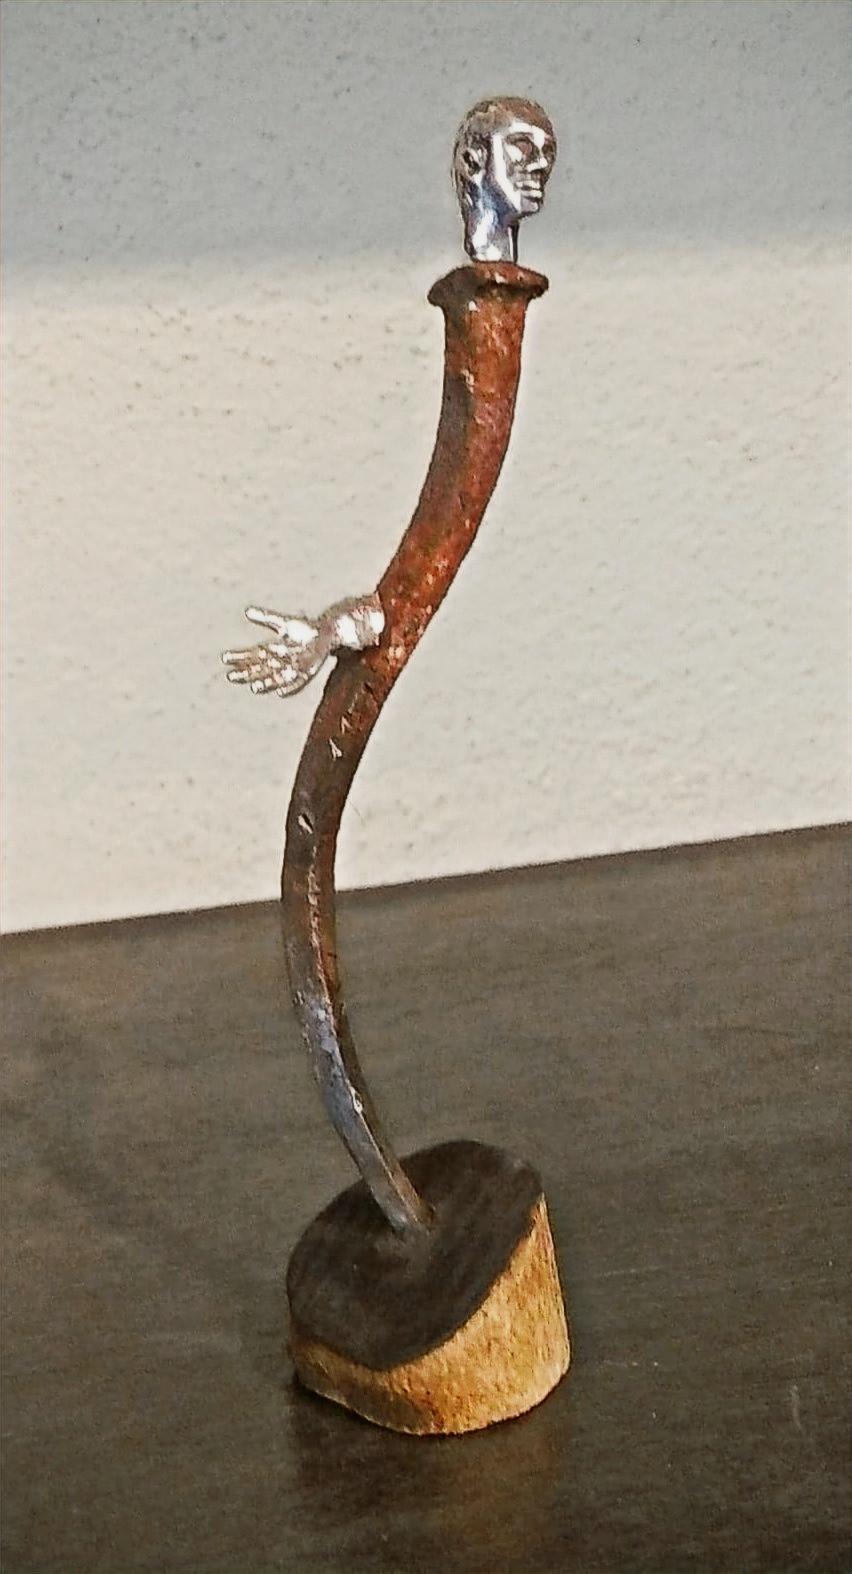 piccola scultura in argento e ferro. Gioielli Firenze